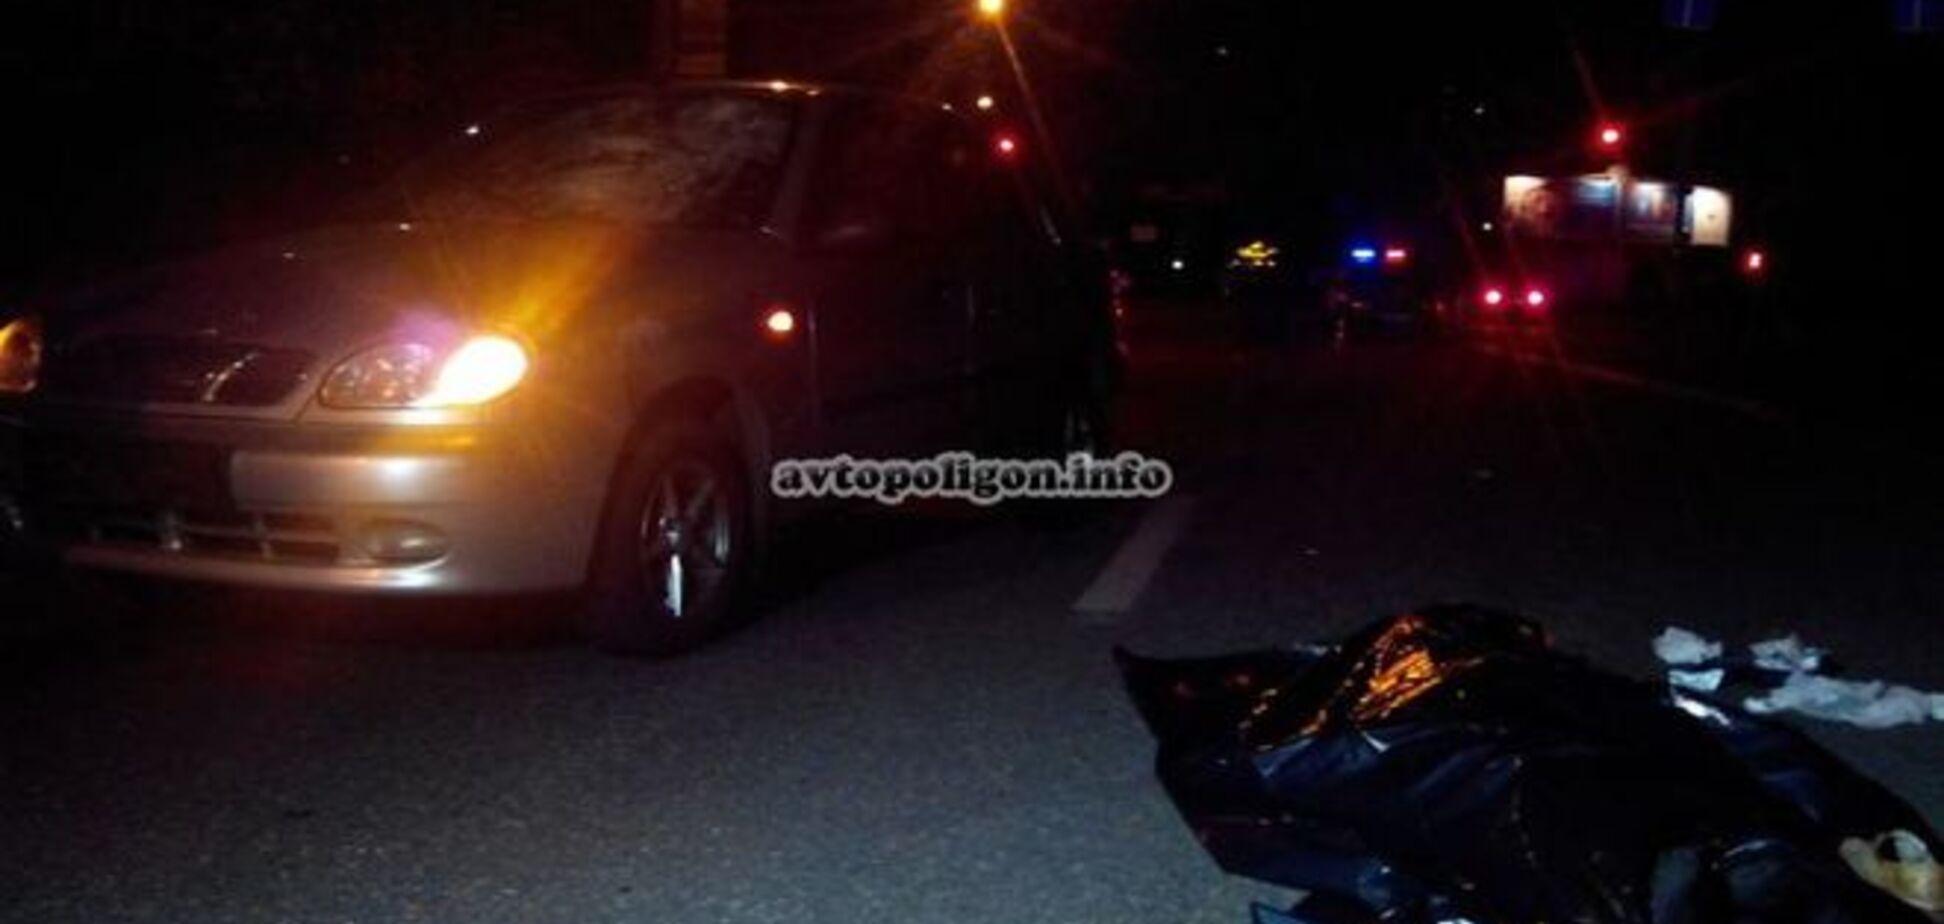 В Киеве иномарка сбила насмерть пешехода